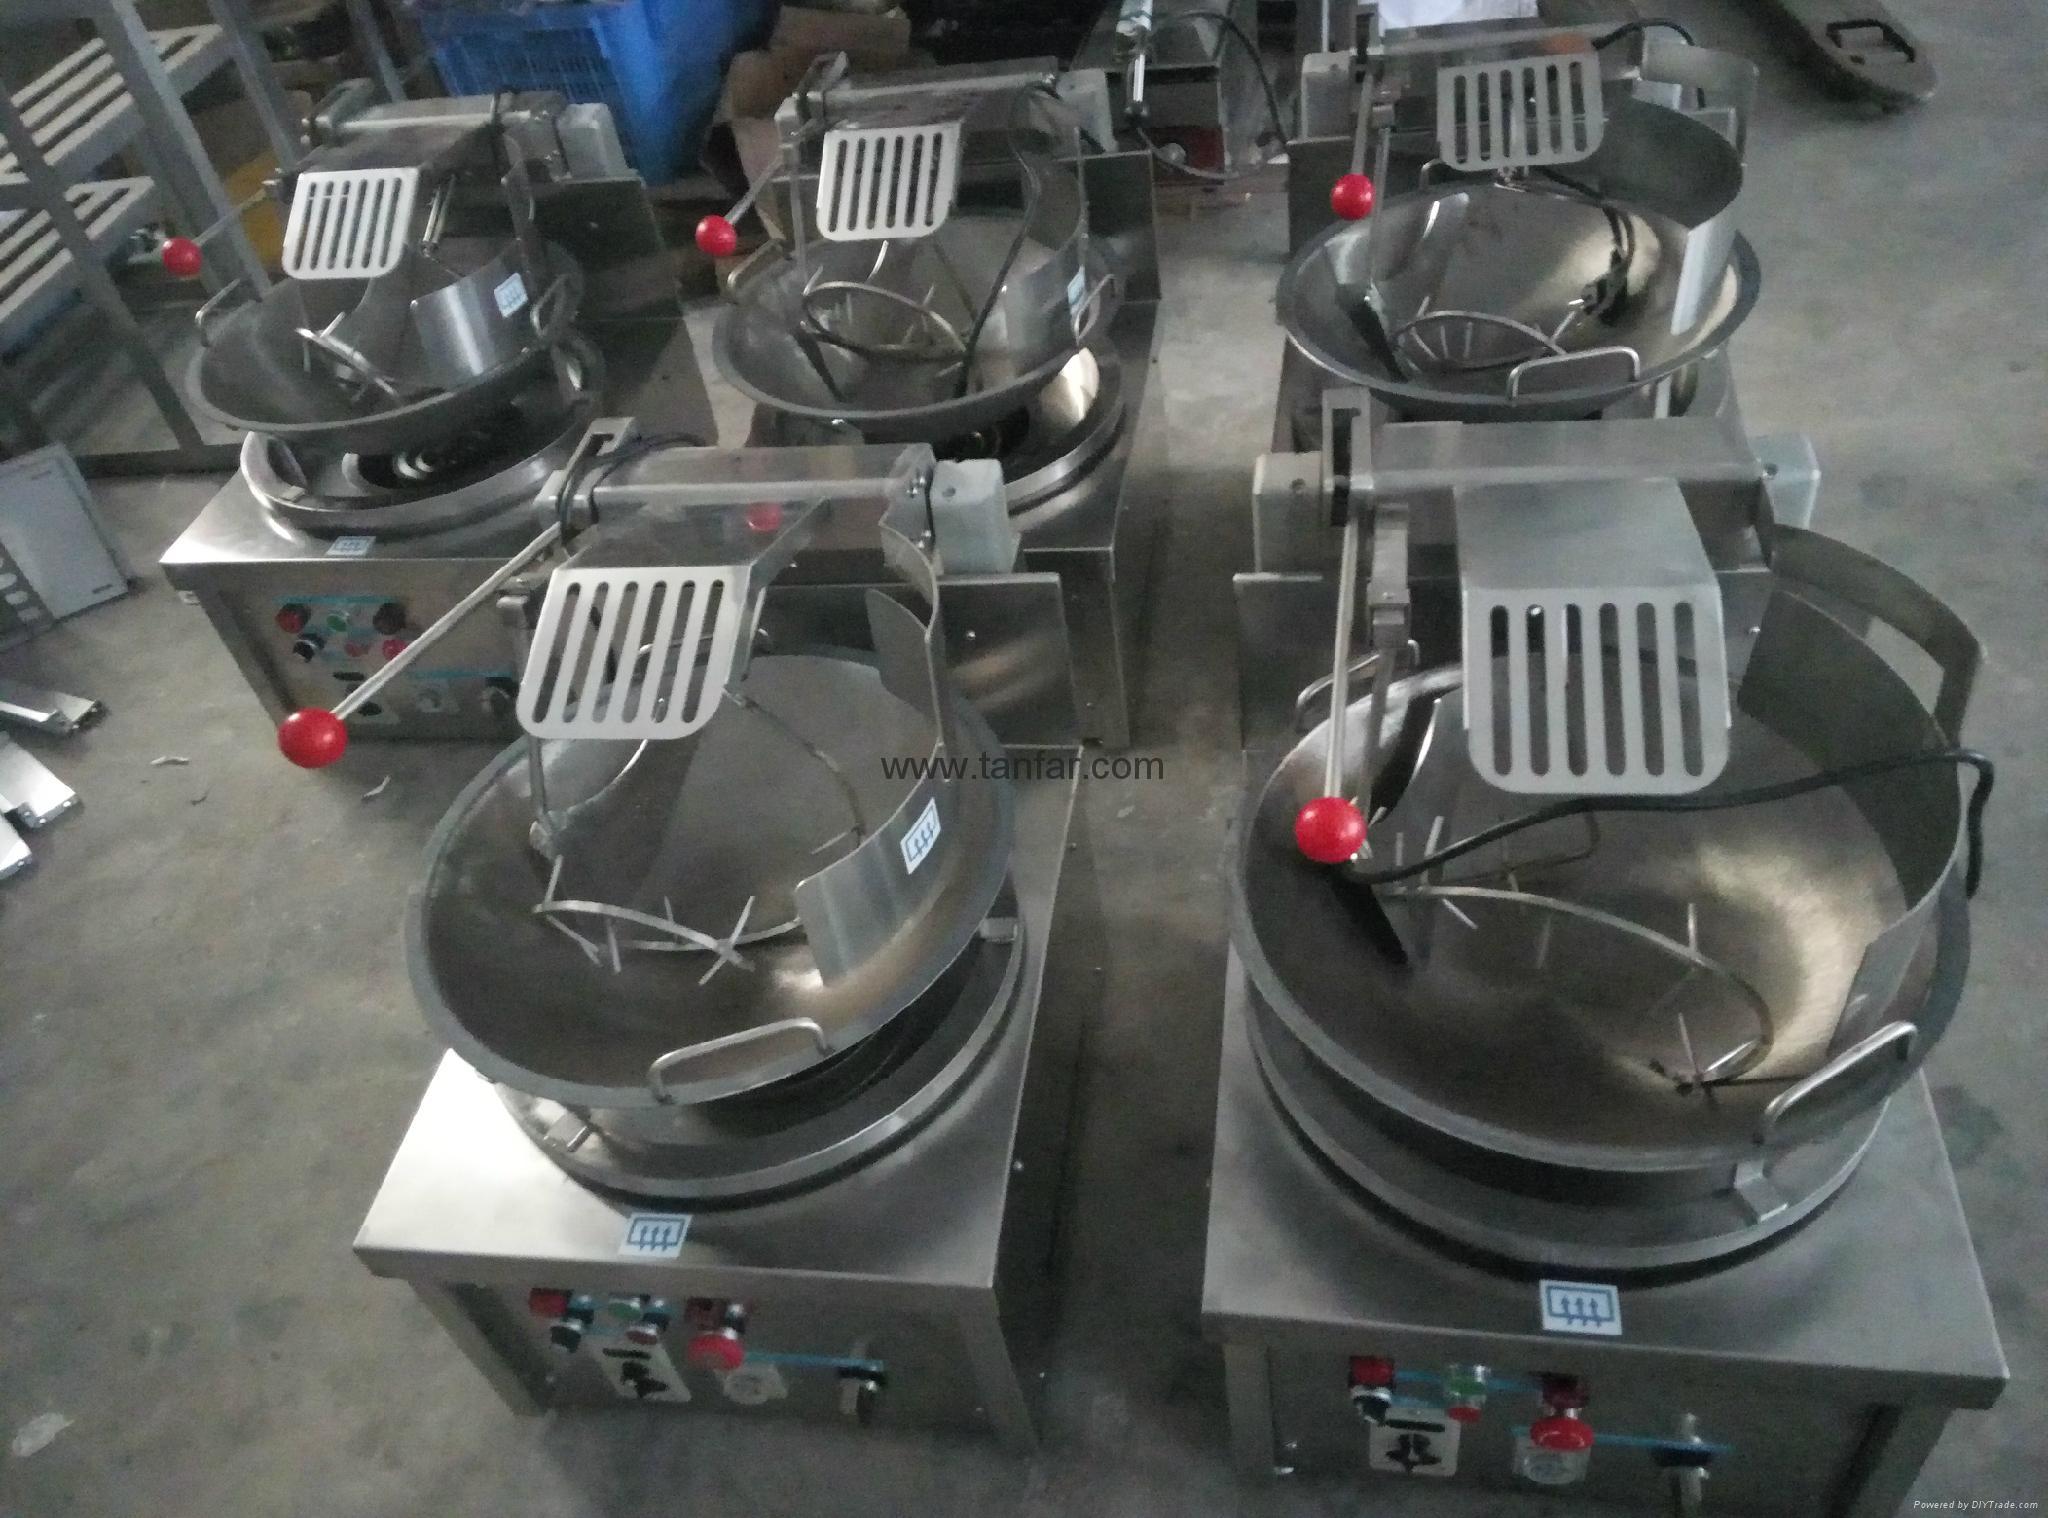 天发自动炒饭机 炒菜机 炒食机TF-460 10